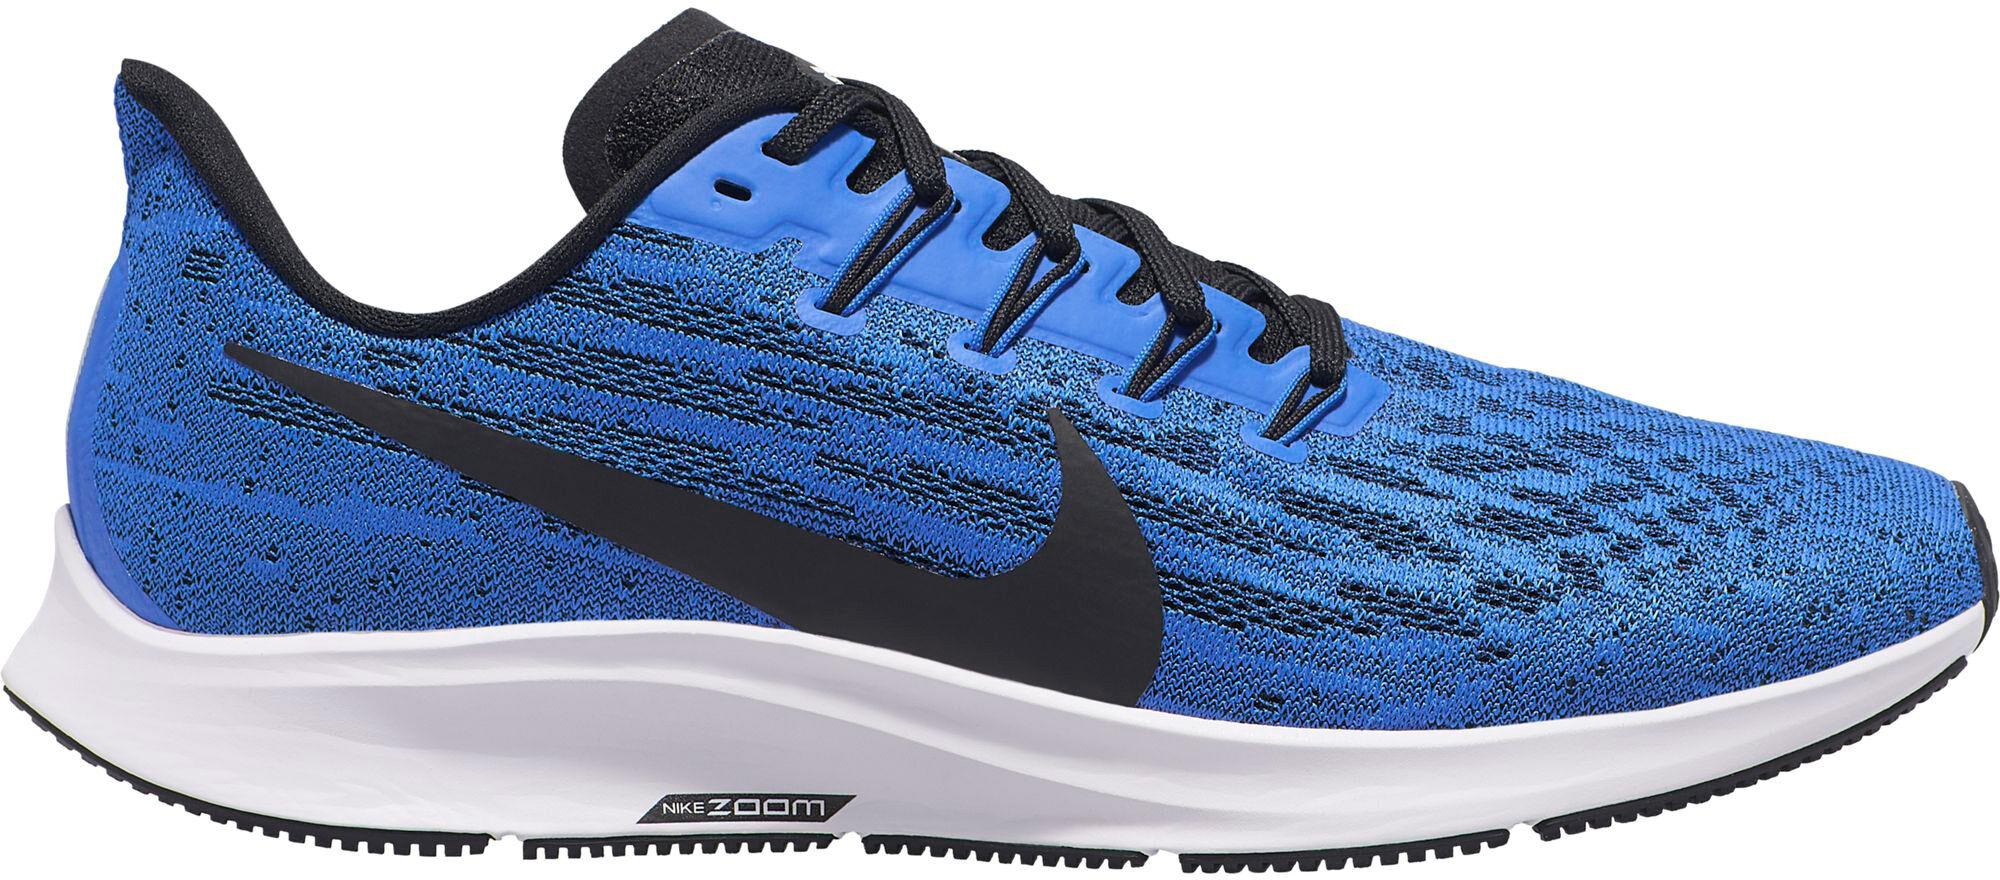 Zapatillas Hombre Nike Zoom Pegasus 36 Azul VoisPlata